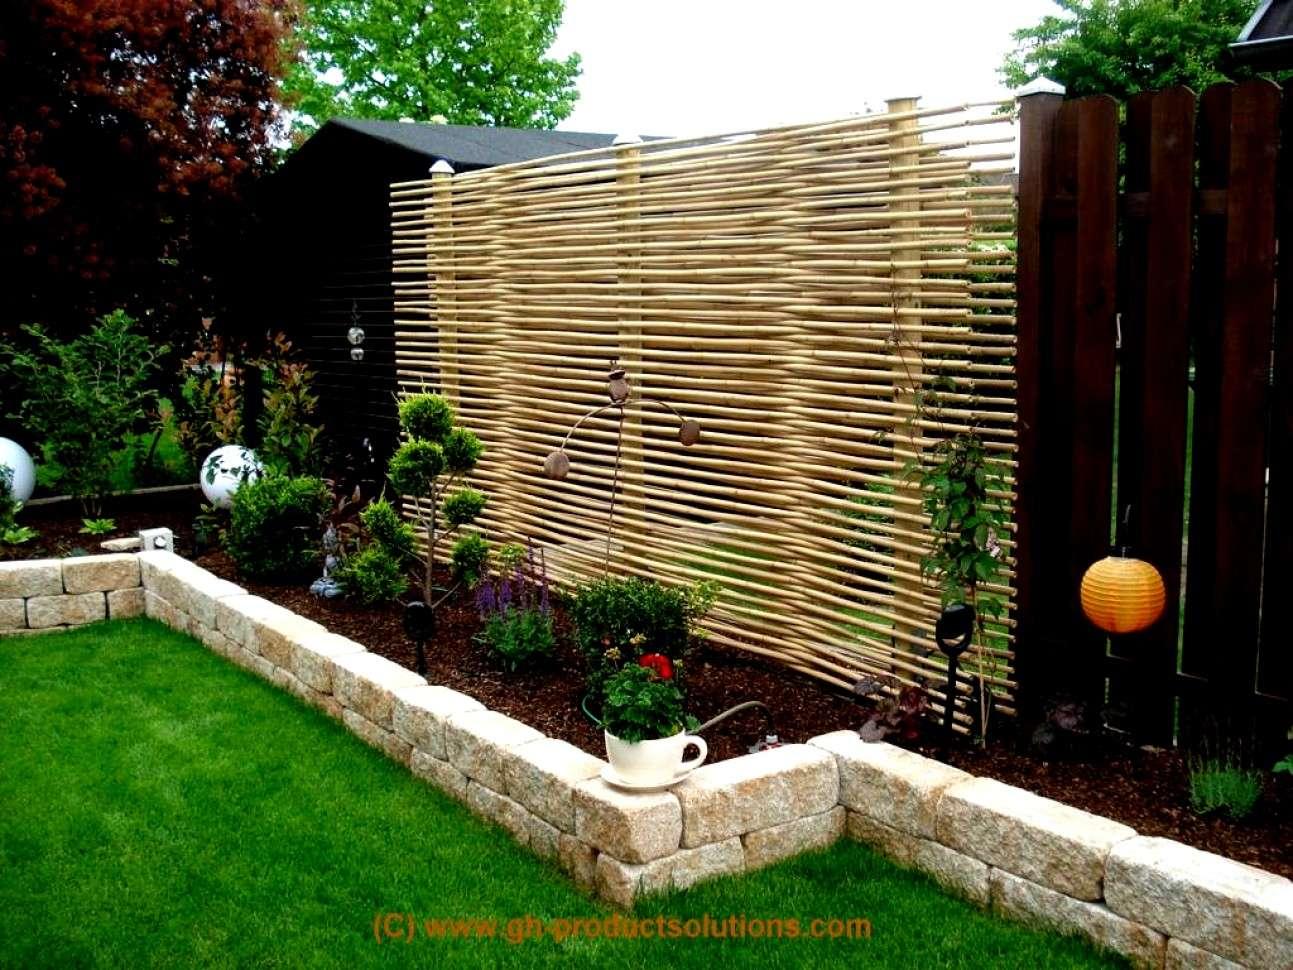 Ideen Für Gartengestaltung Luxus Gartengestaltung Kleine Garten